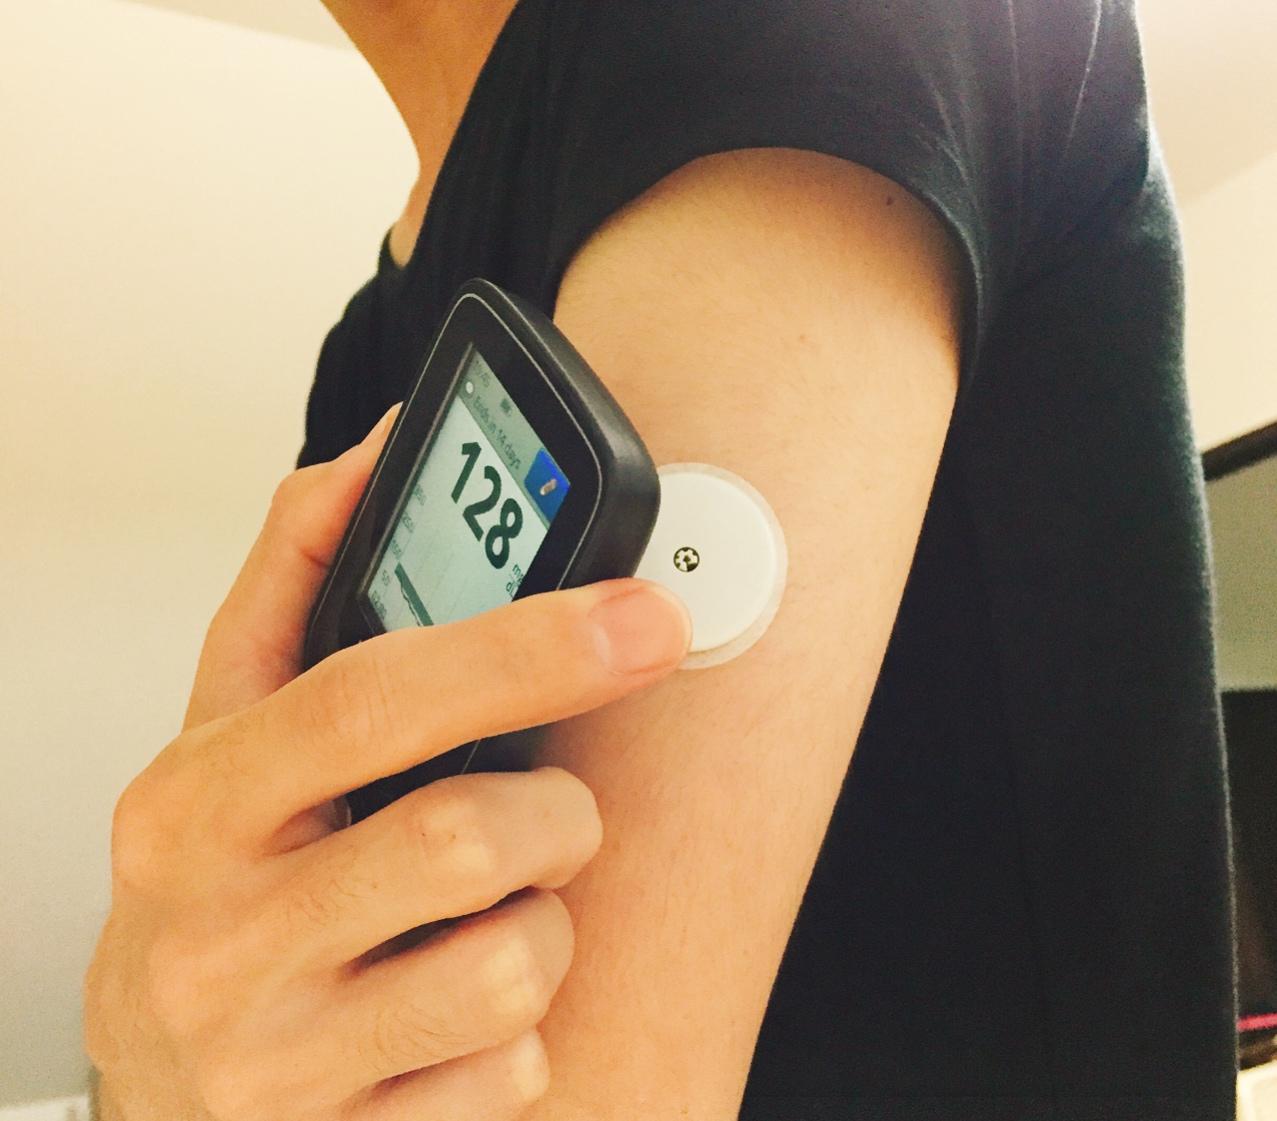 持続血糖測定器【FreeStyleリブレ】で,自分の24時間血糖測定を開始しました.